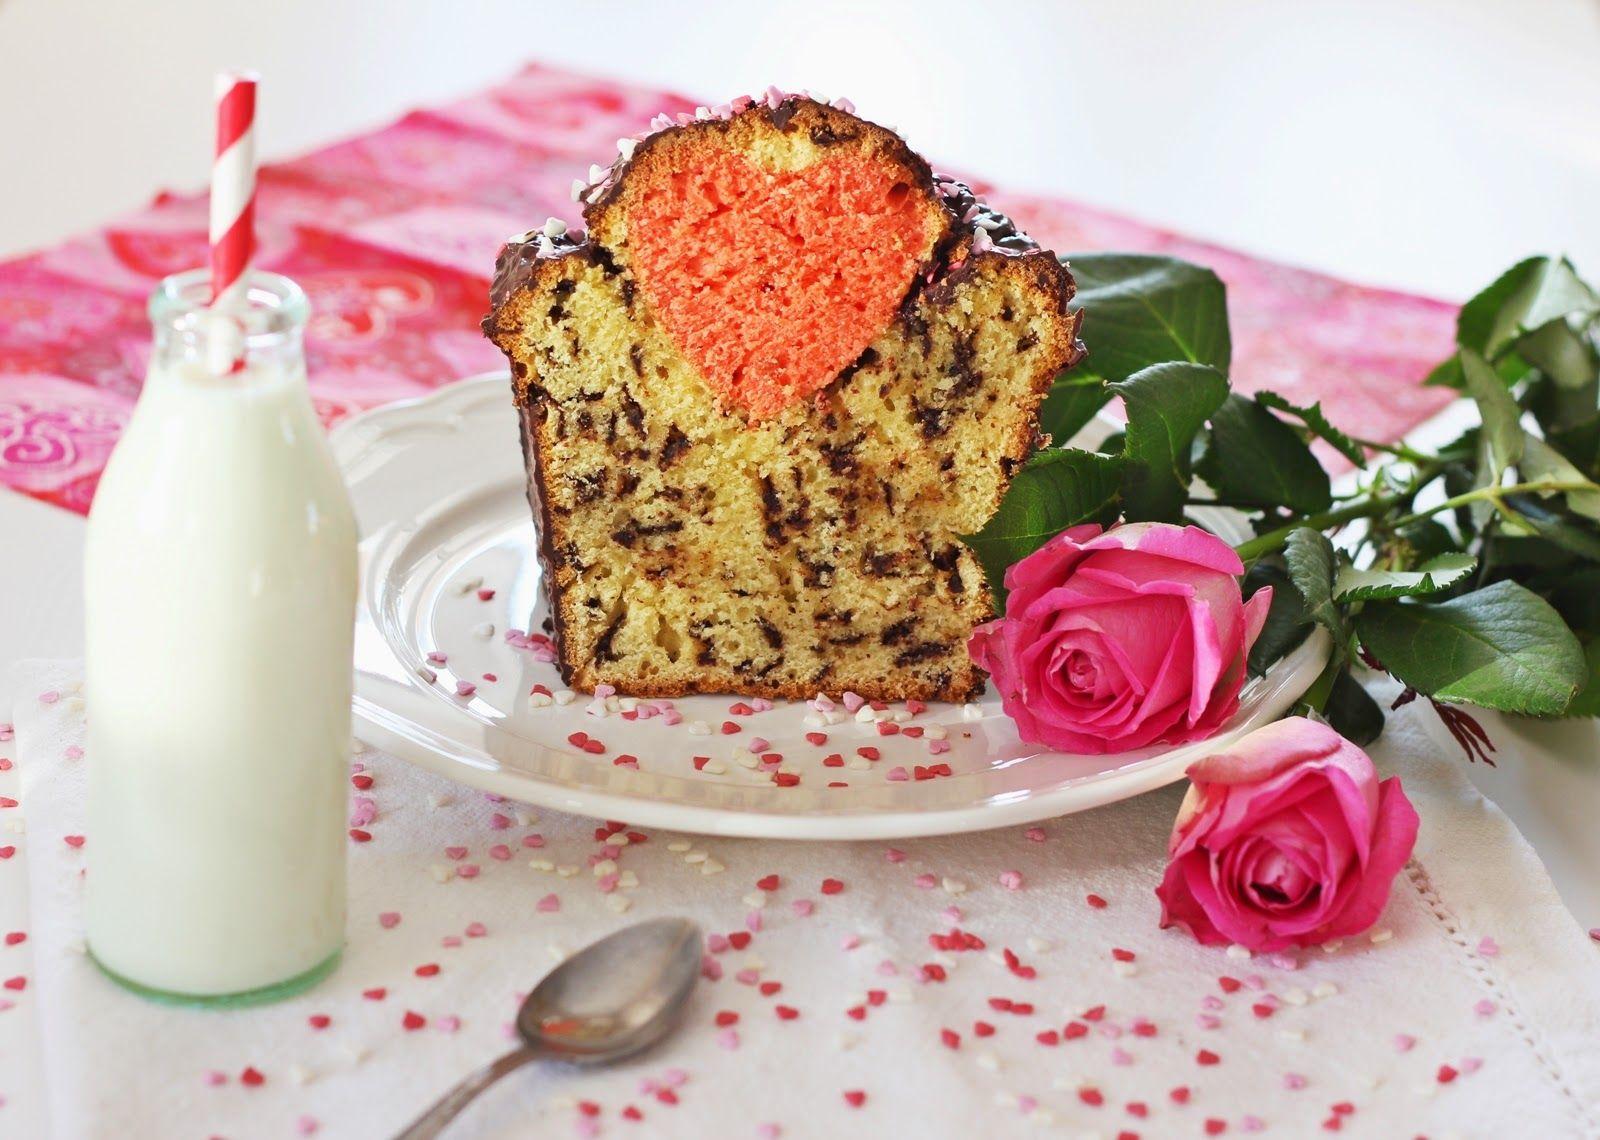 Schenken, Rosen, Valentinstag, Kuchen Backen, Lecker, Rezepte, Schritt Für  Schritt, Mode, Cupcake